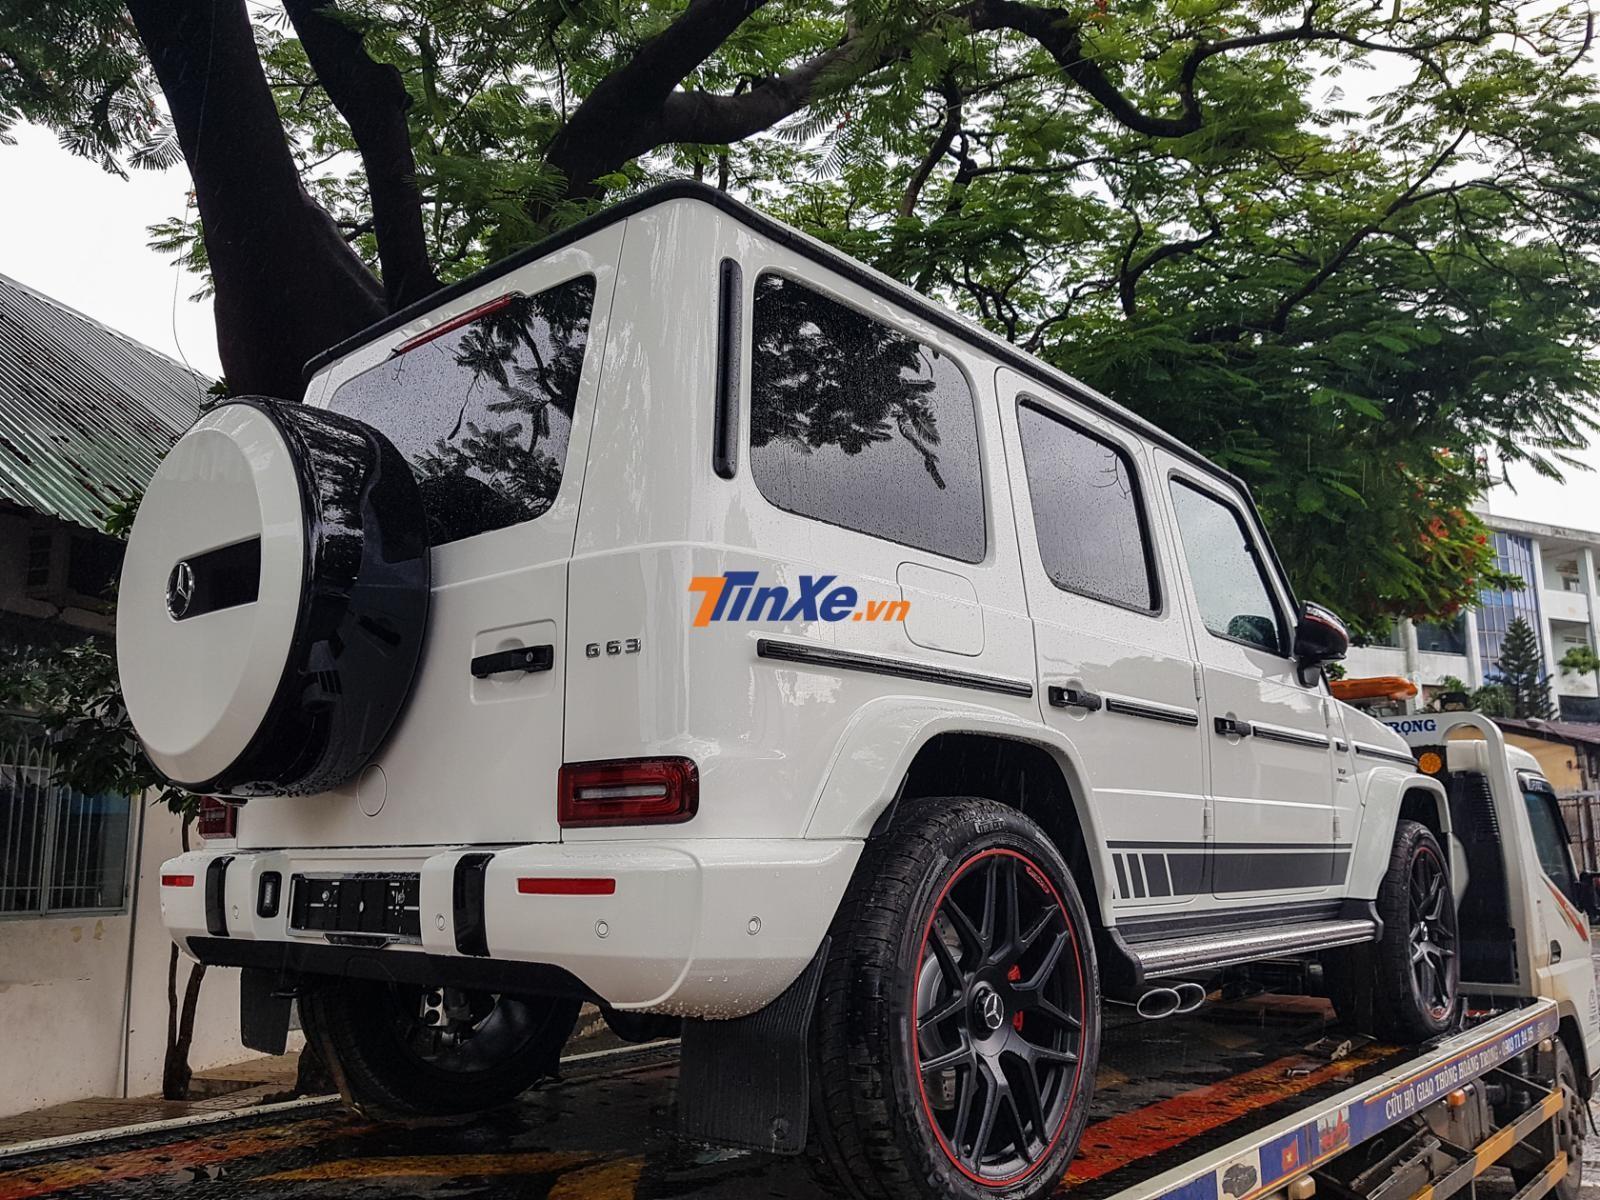 Tại Việt Nam, số lượng Mercedes-AMG G63 Edition 1 mang màu trắng Polar chỉ khoảng 3 chiếc